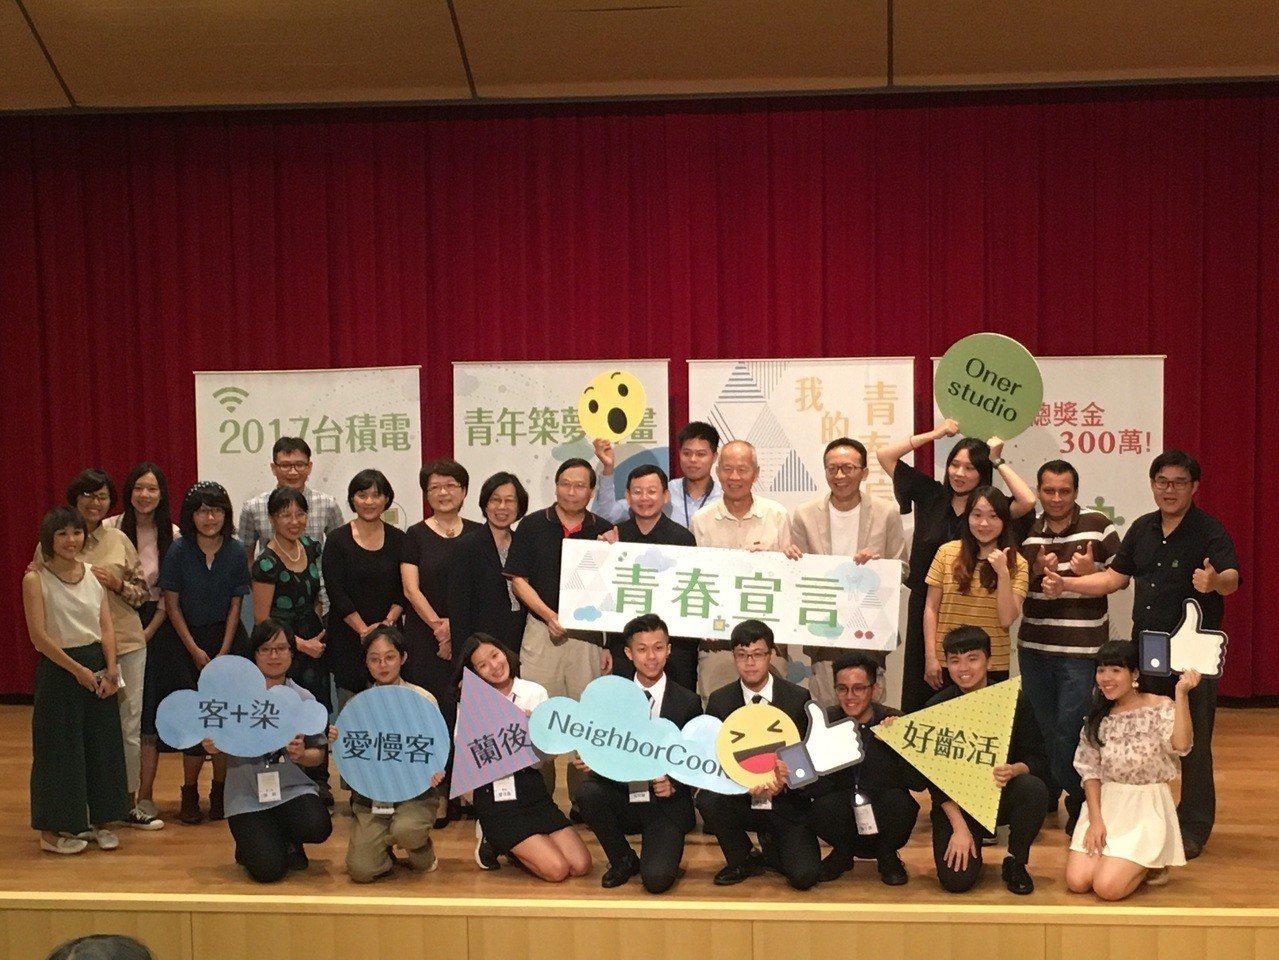 第二屆「台積電青年築夢計畫」吸引了近70組,來自桃竹苗地區大專院校的團隊參加,經...